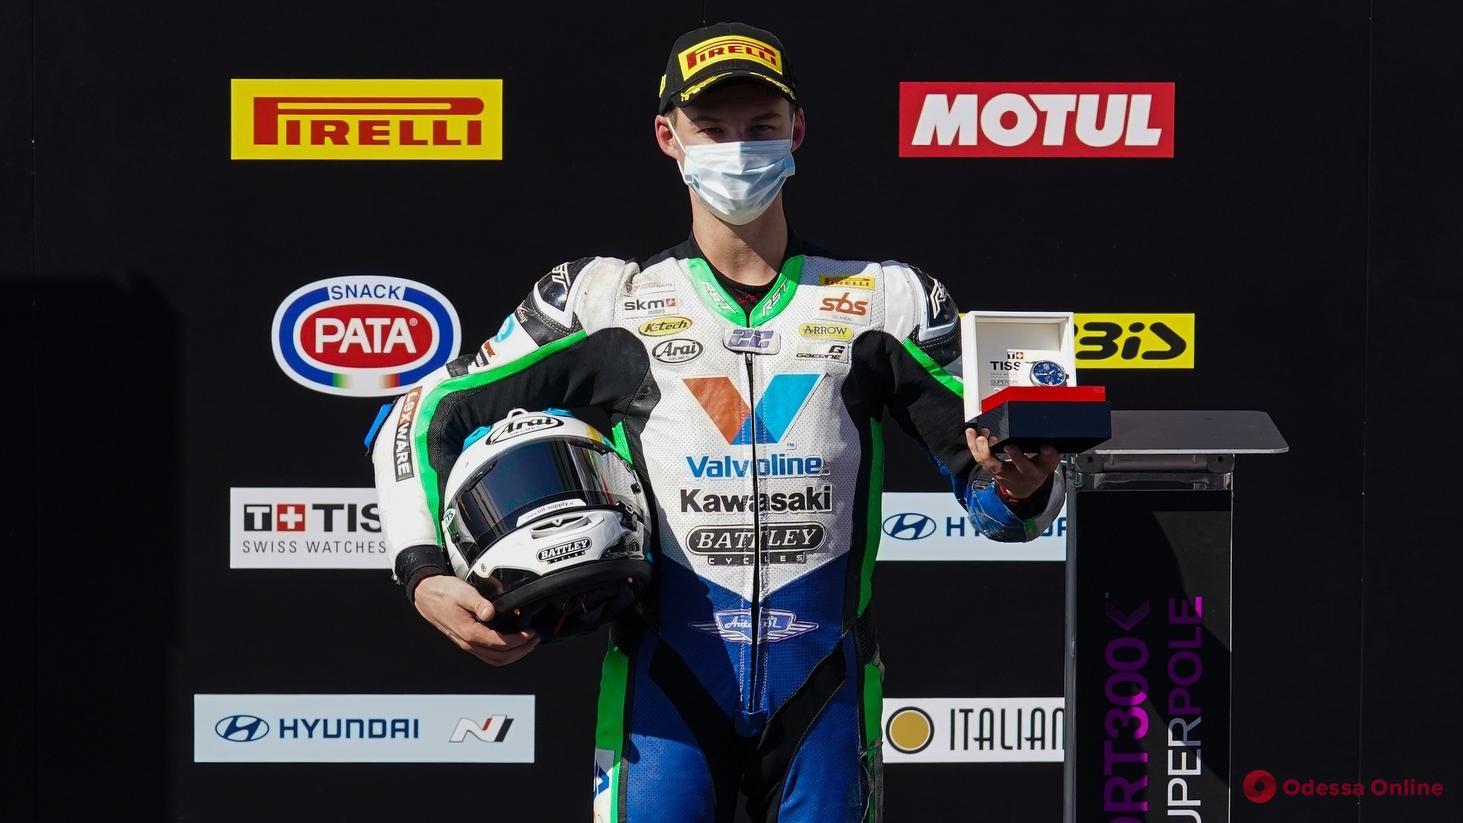 Одесский мотогонщик первым в истории Украины выиграл этап чемпионата мира